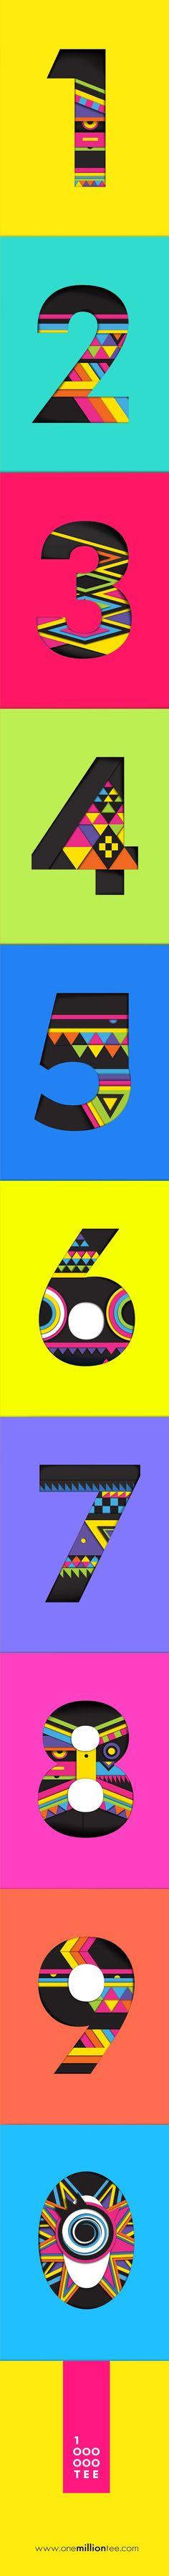 OneMillionTee.com Numbers Design: